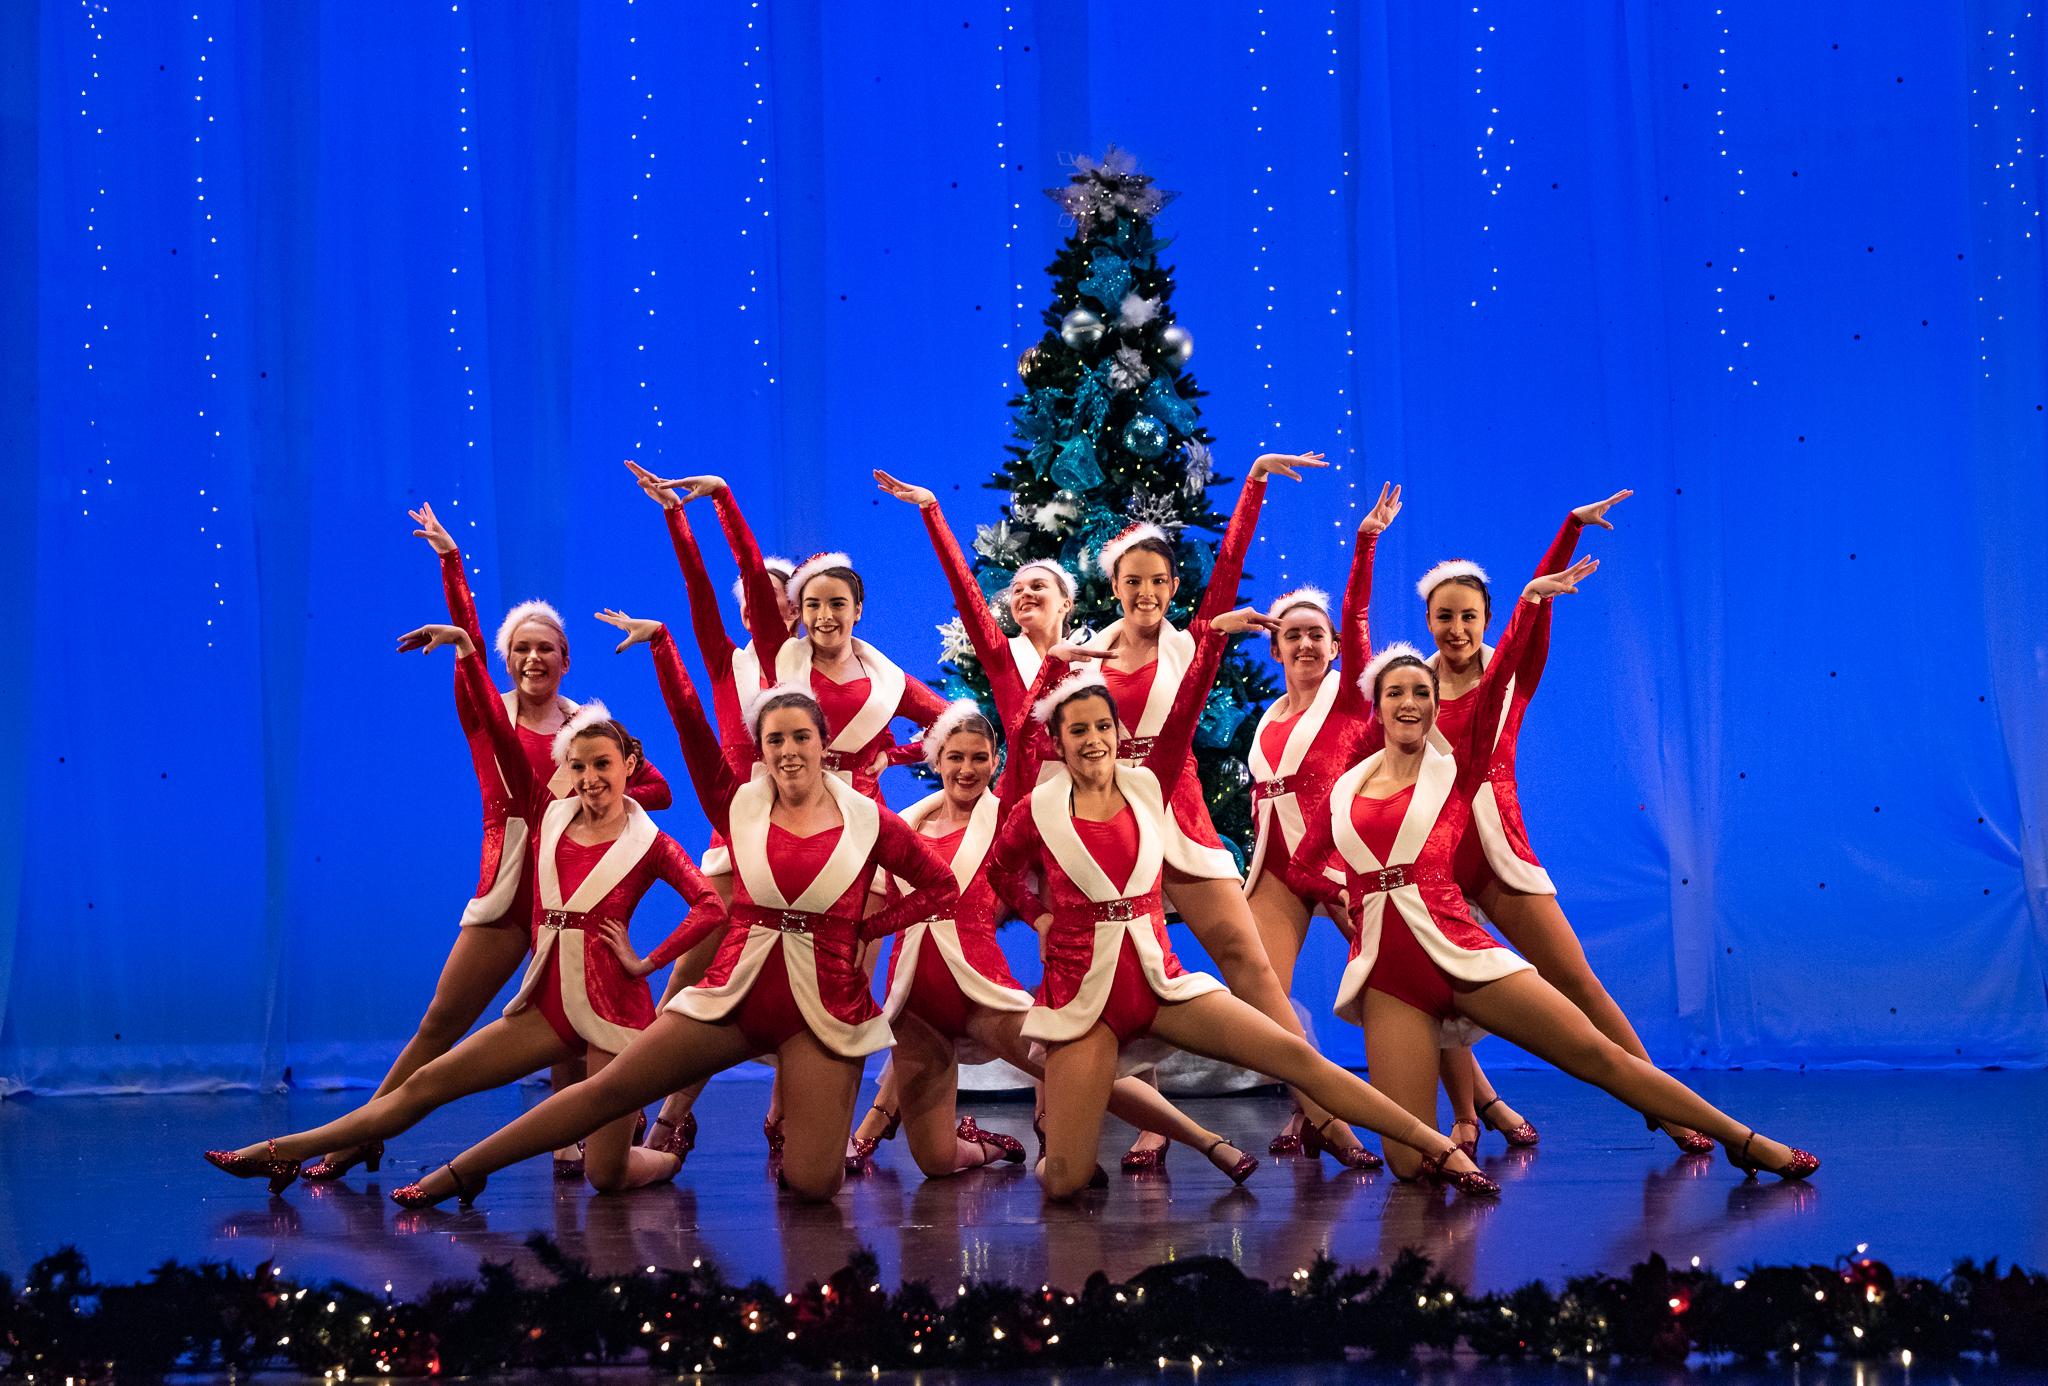 20181123-2018_11_23-Sorensen Christmas Show0584.jpg